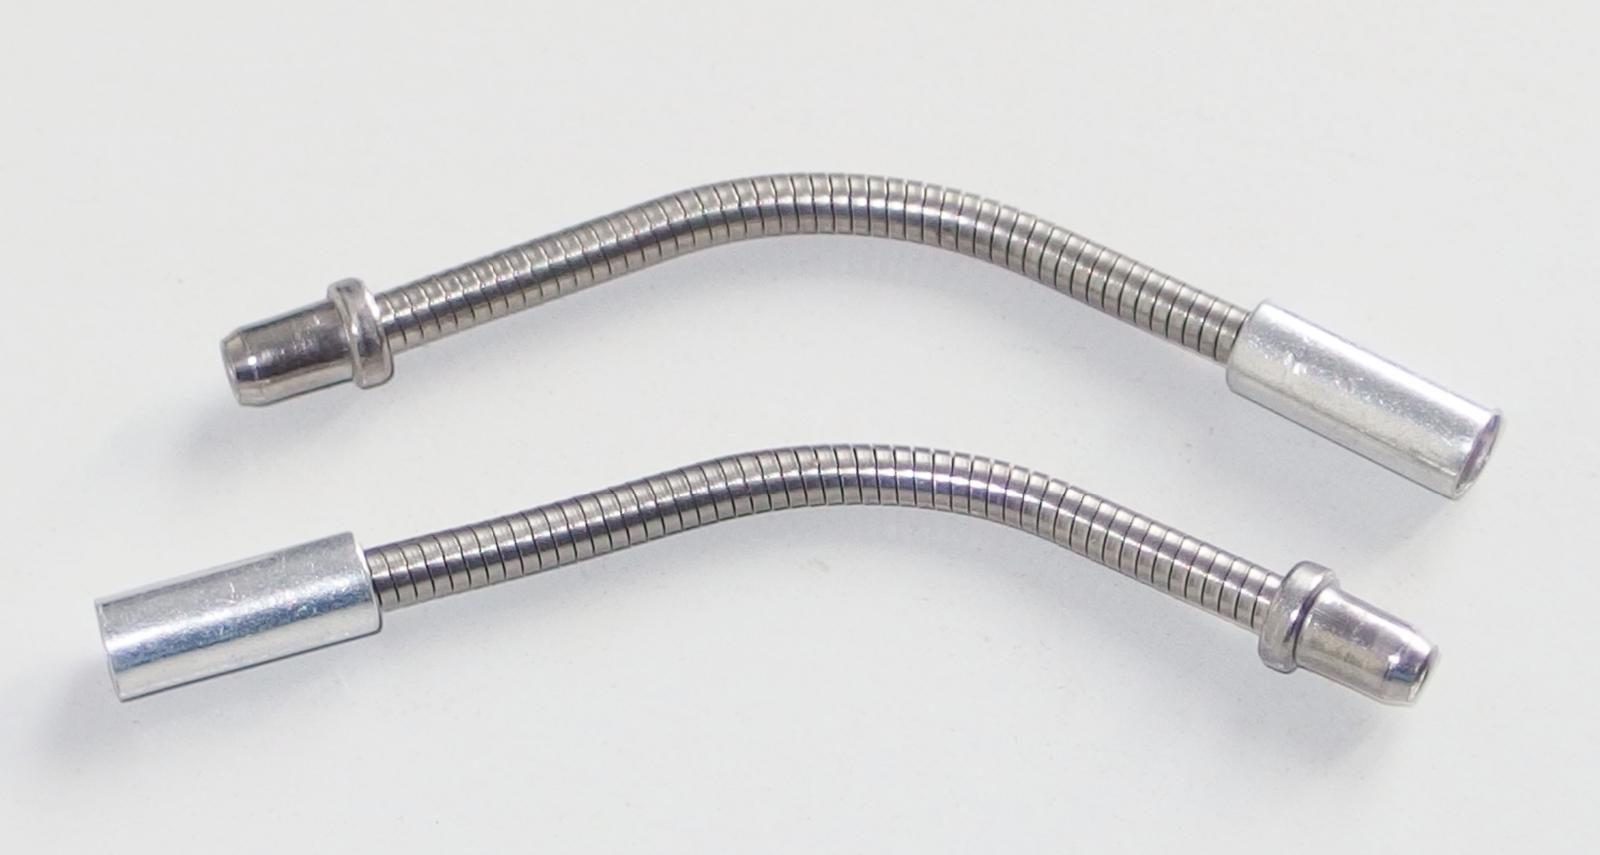 Tolle Flexible Kabelführung Zeitgenössisch - Elektrische Schaltplan ...